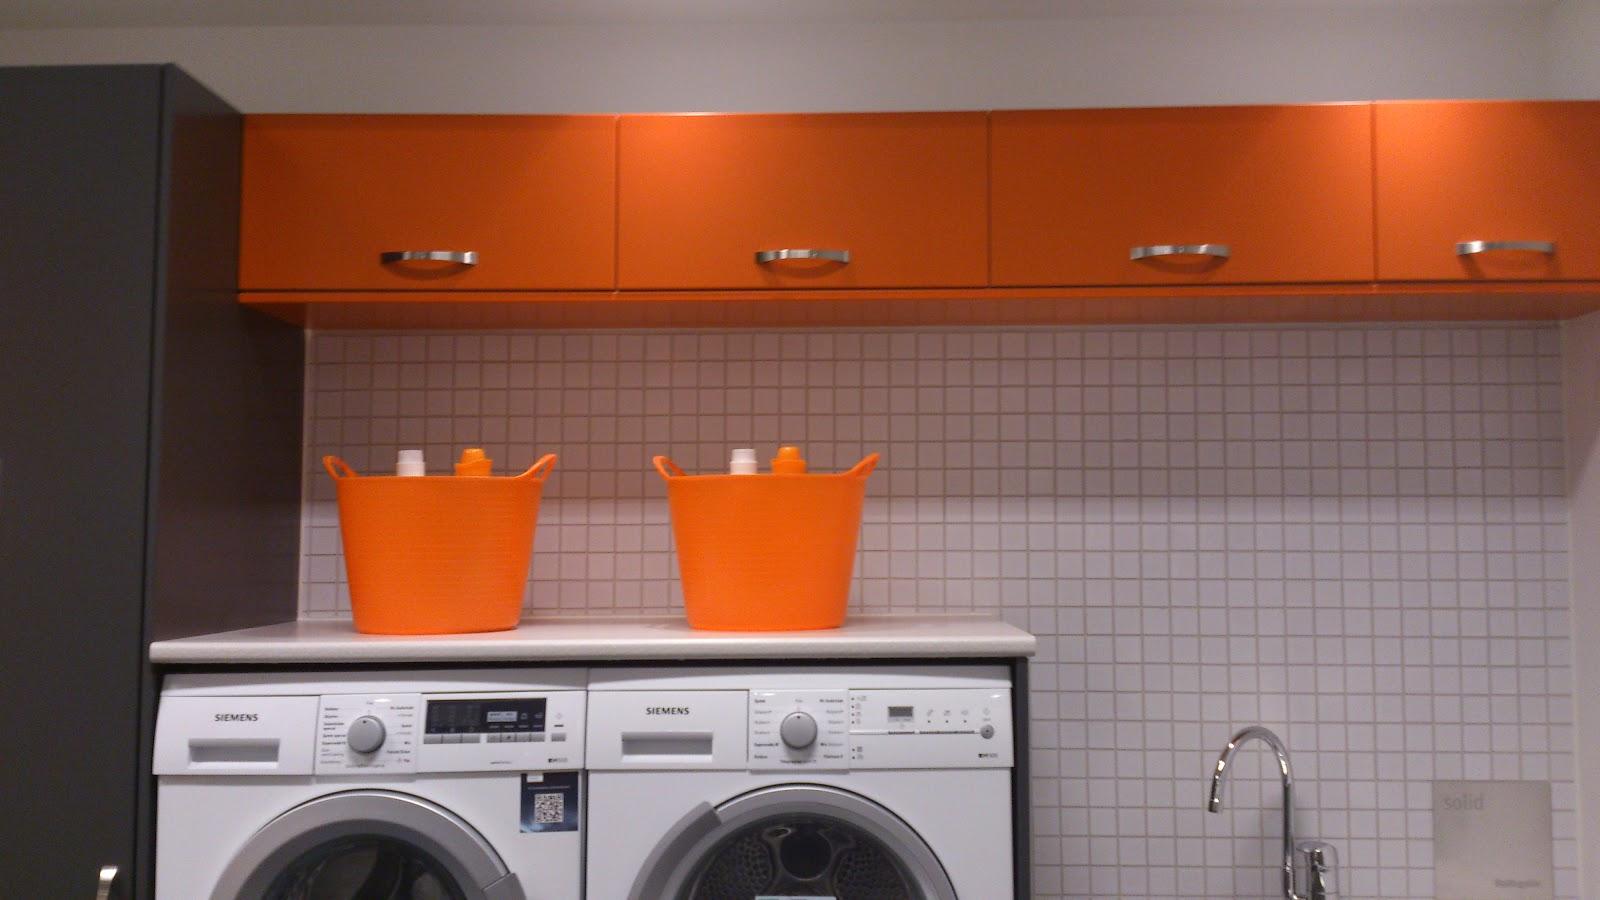 Bra Drömhusprojeket: Tvättstuga TN-78